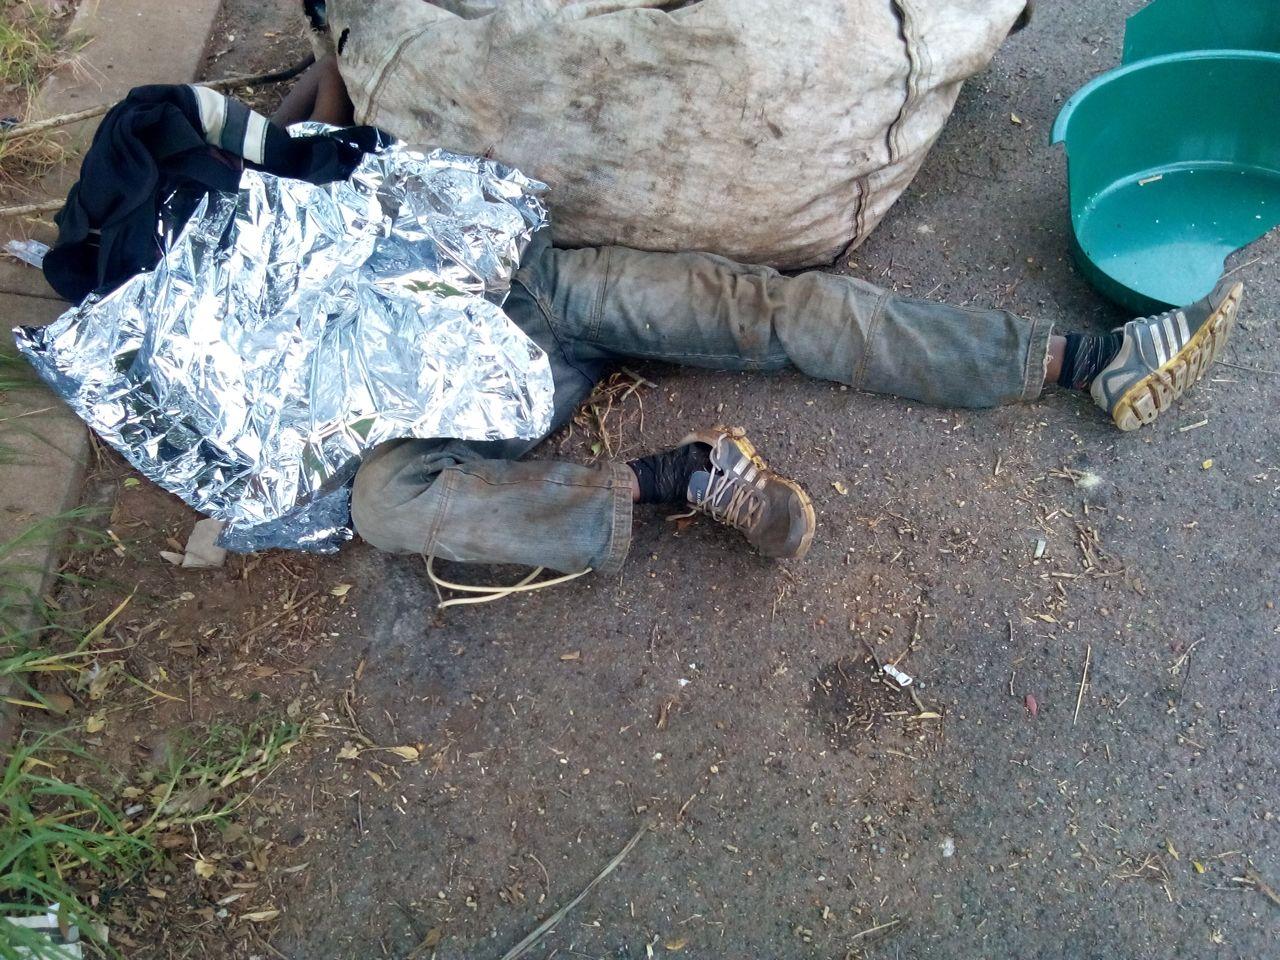 BREAKING NEWS: Dead body found in Northcliff | Northcliff